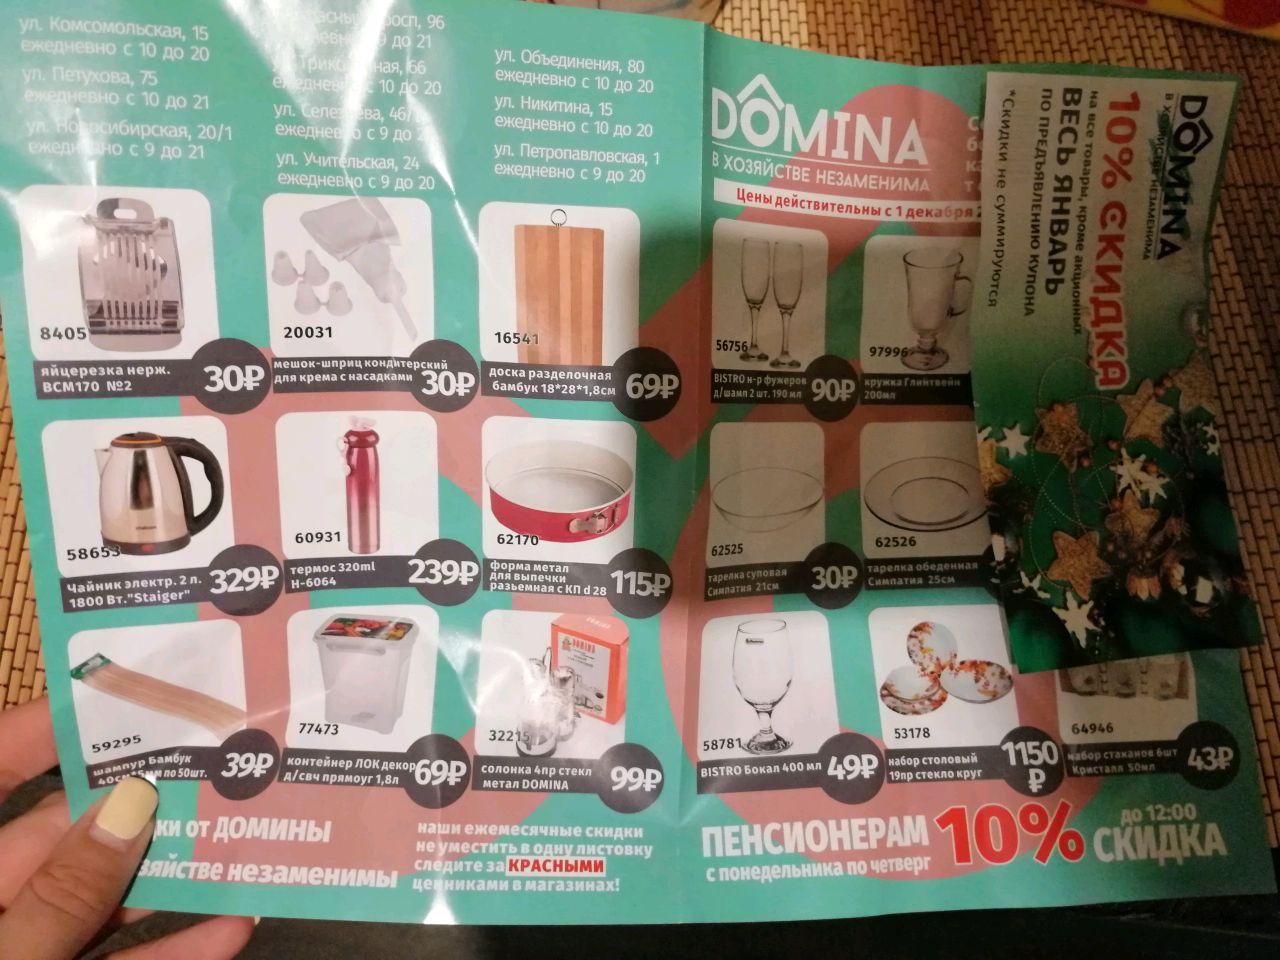 Домина Магазин Новосибирск Официальный Сайт